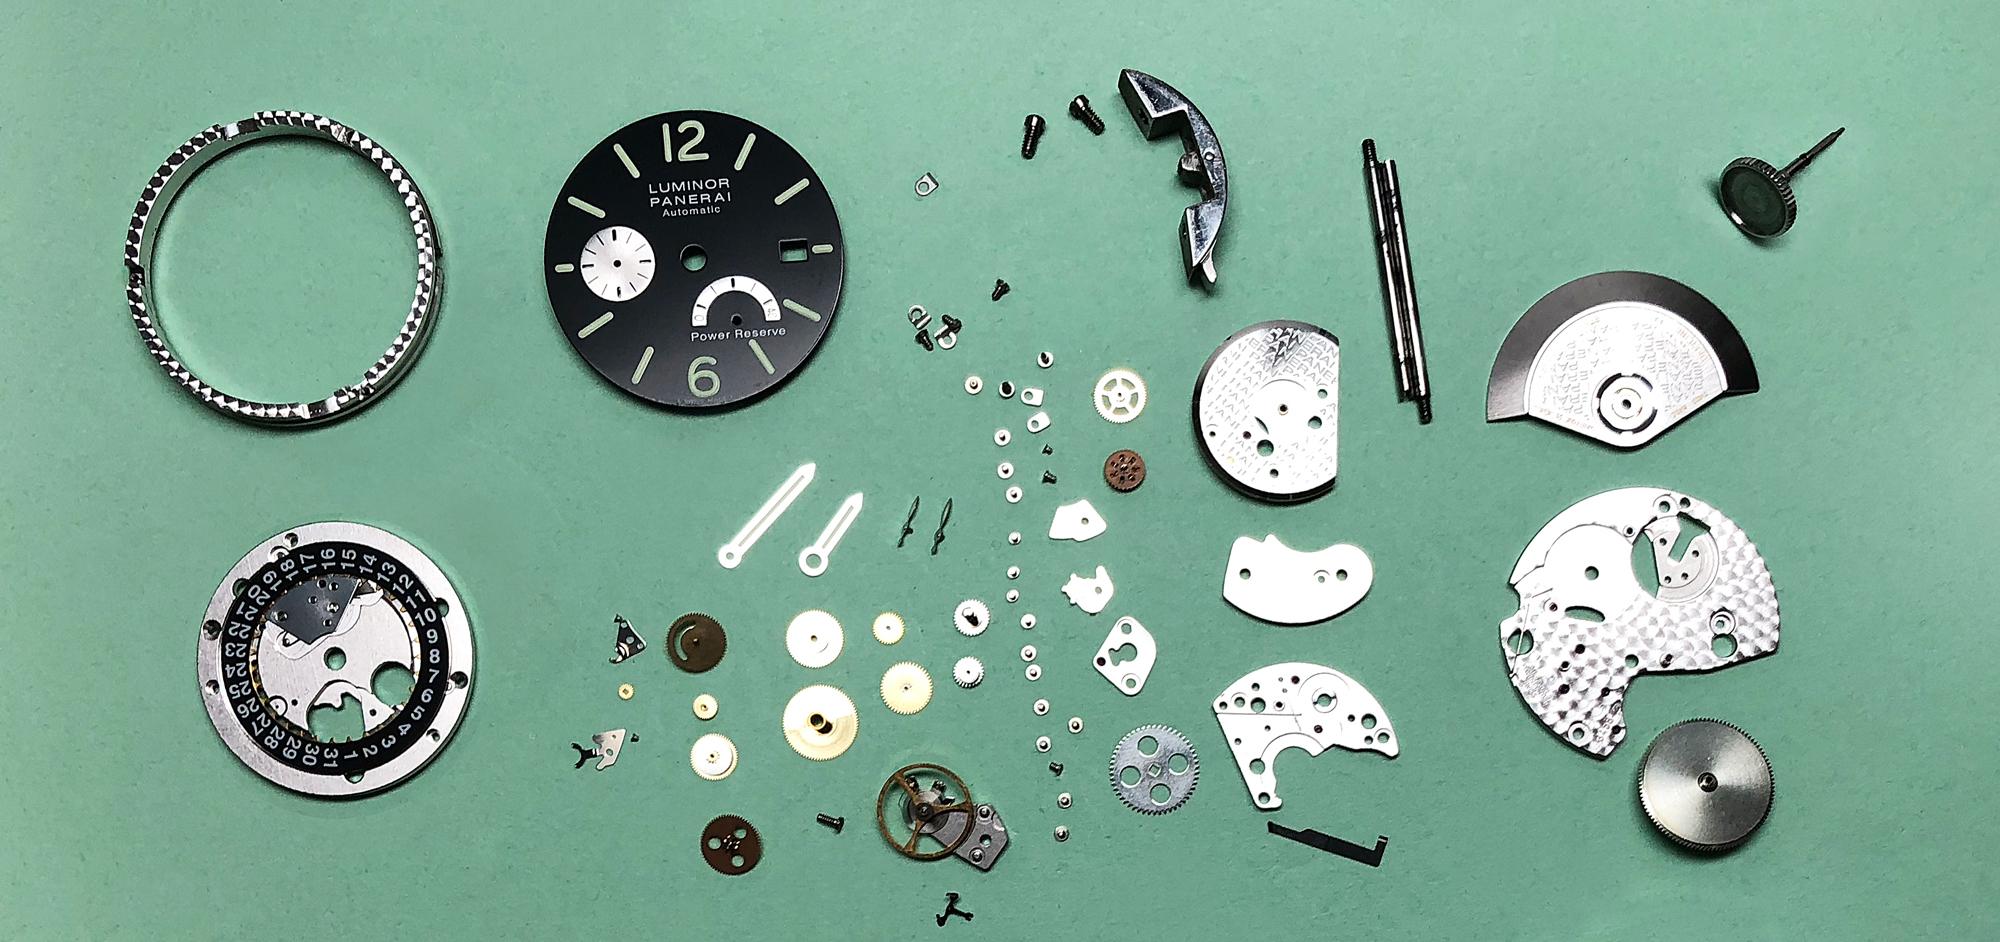 Panerai Luminor Marina 40mm Watch Repair